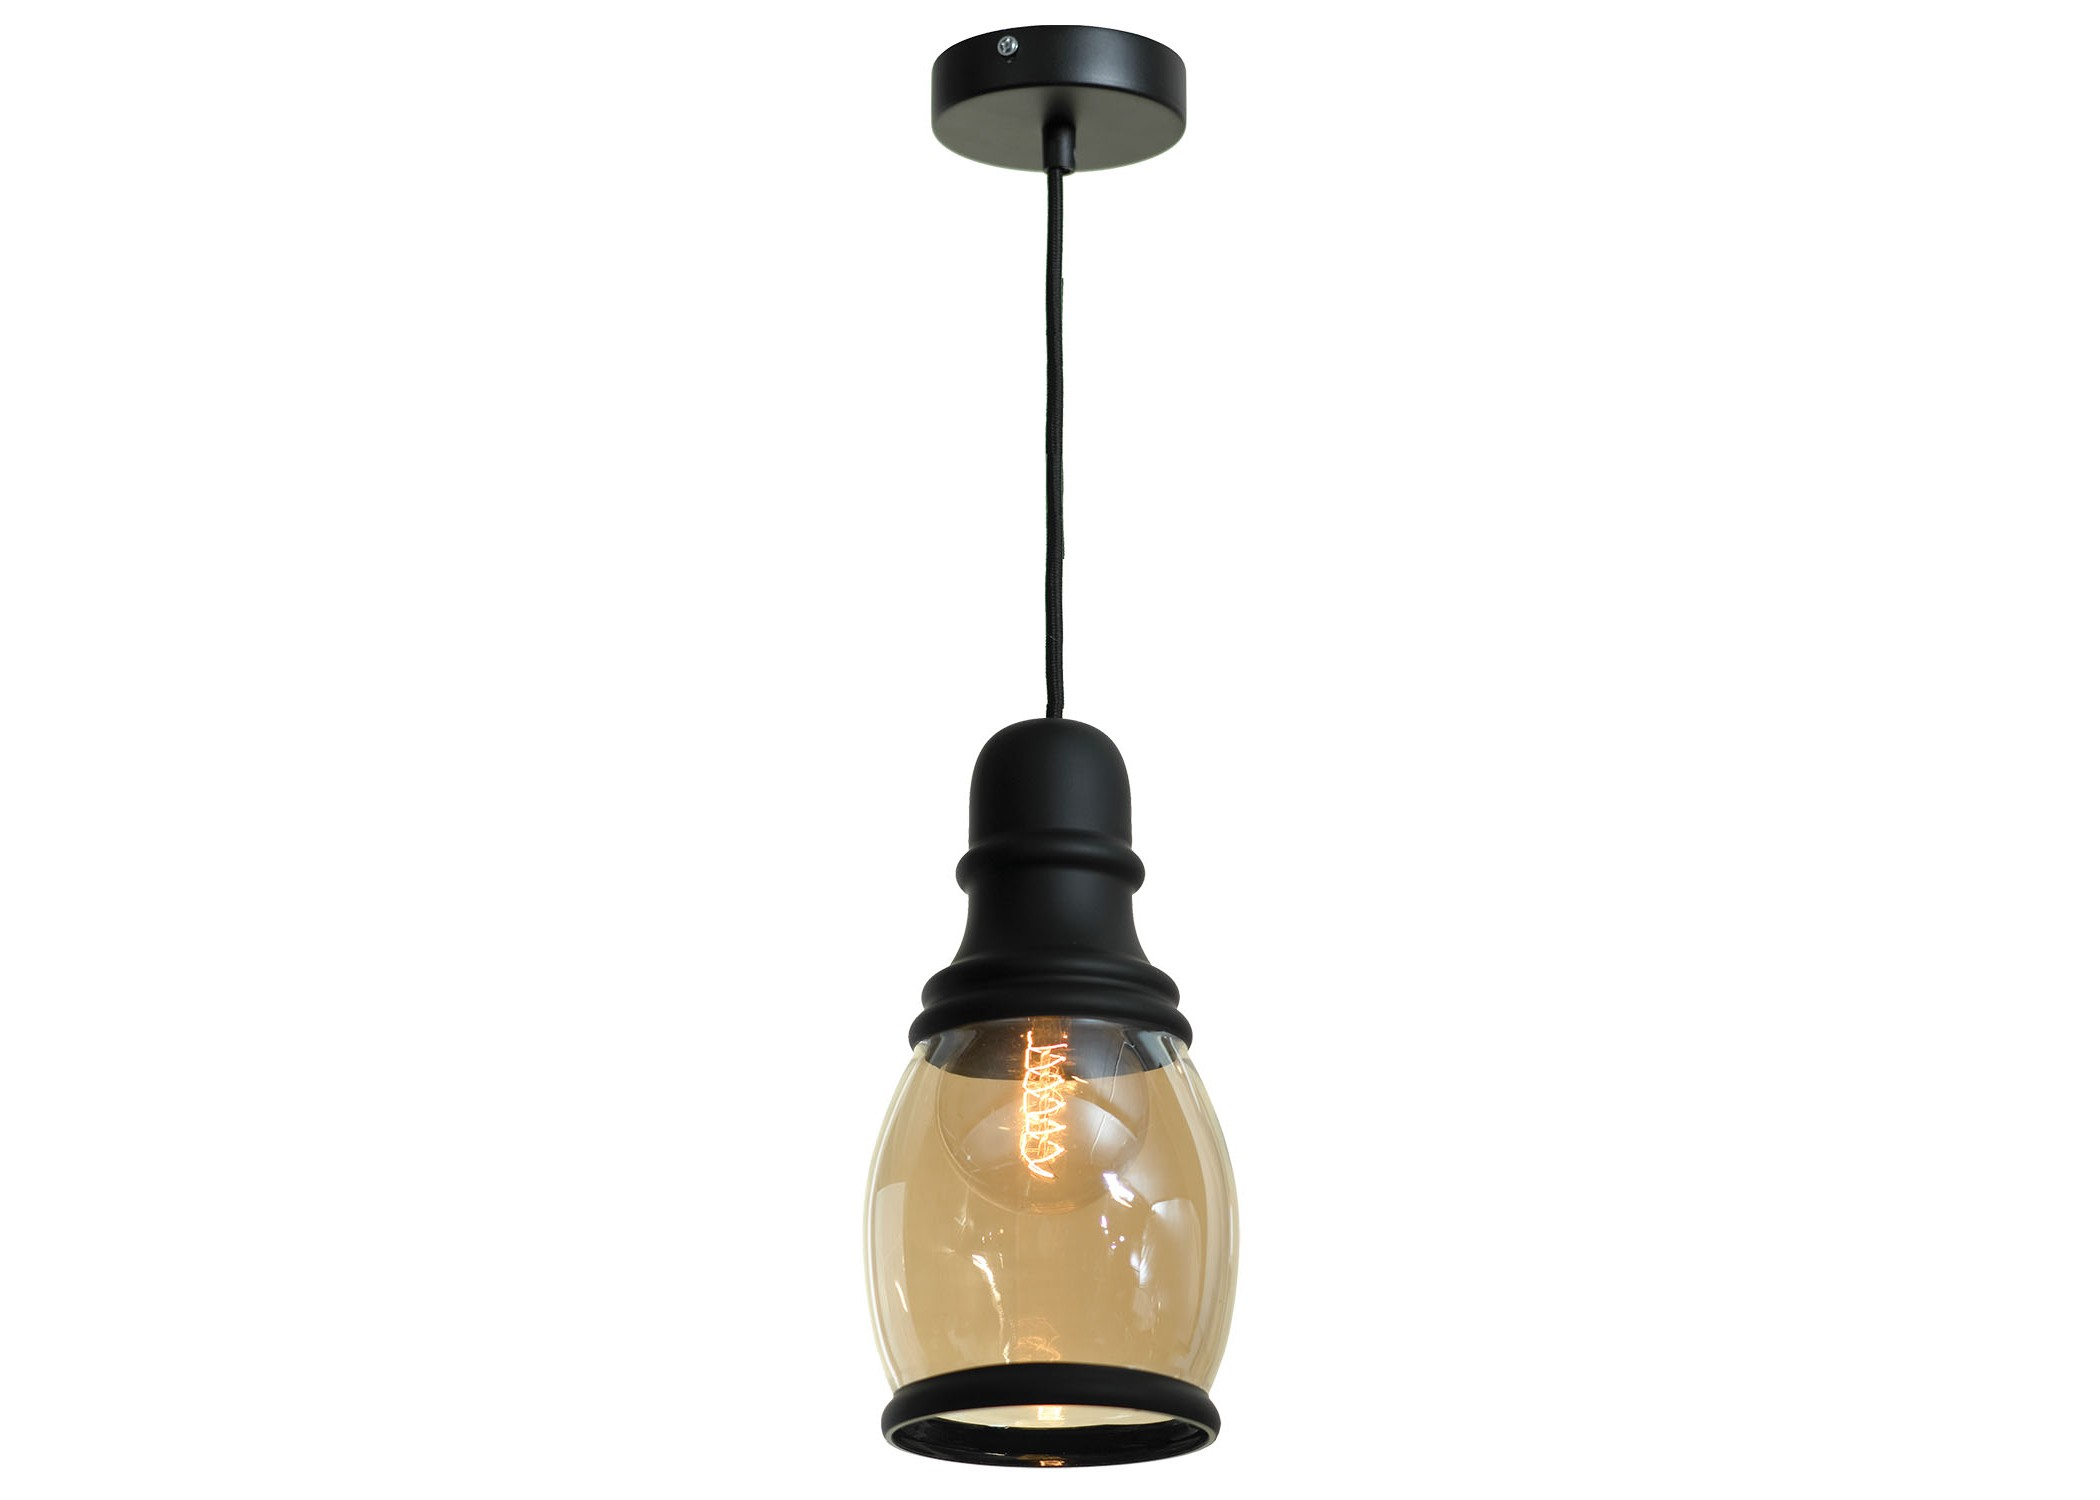 Подвесной светильникПодвесные светильники<br>&amp;lt;div&amp;gt;Цоколь: E27&amp;lt;/div&amp;gt;&amp;lt;div&amp;gt;Мощность ламп: 60W&amp;lt;/div&amp;gt;&amp;lt;div&amp;gt;Количество лампочек: 1&amp;lt;/div&amp;gt;<br><br>Material: Стекло<br>Height см: 150<br>Diameter см: 11